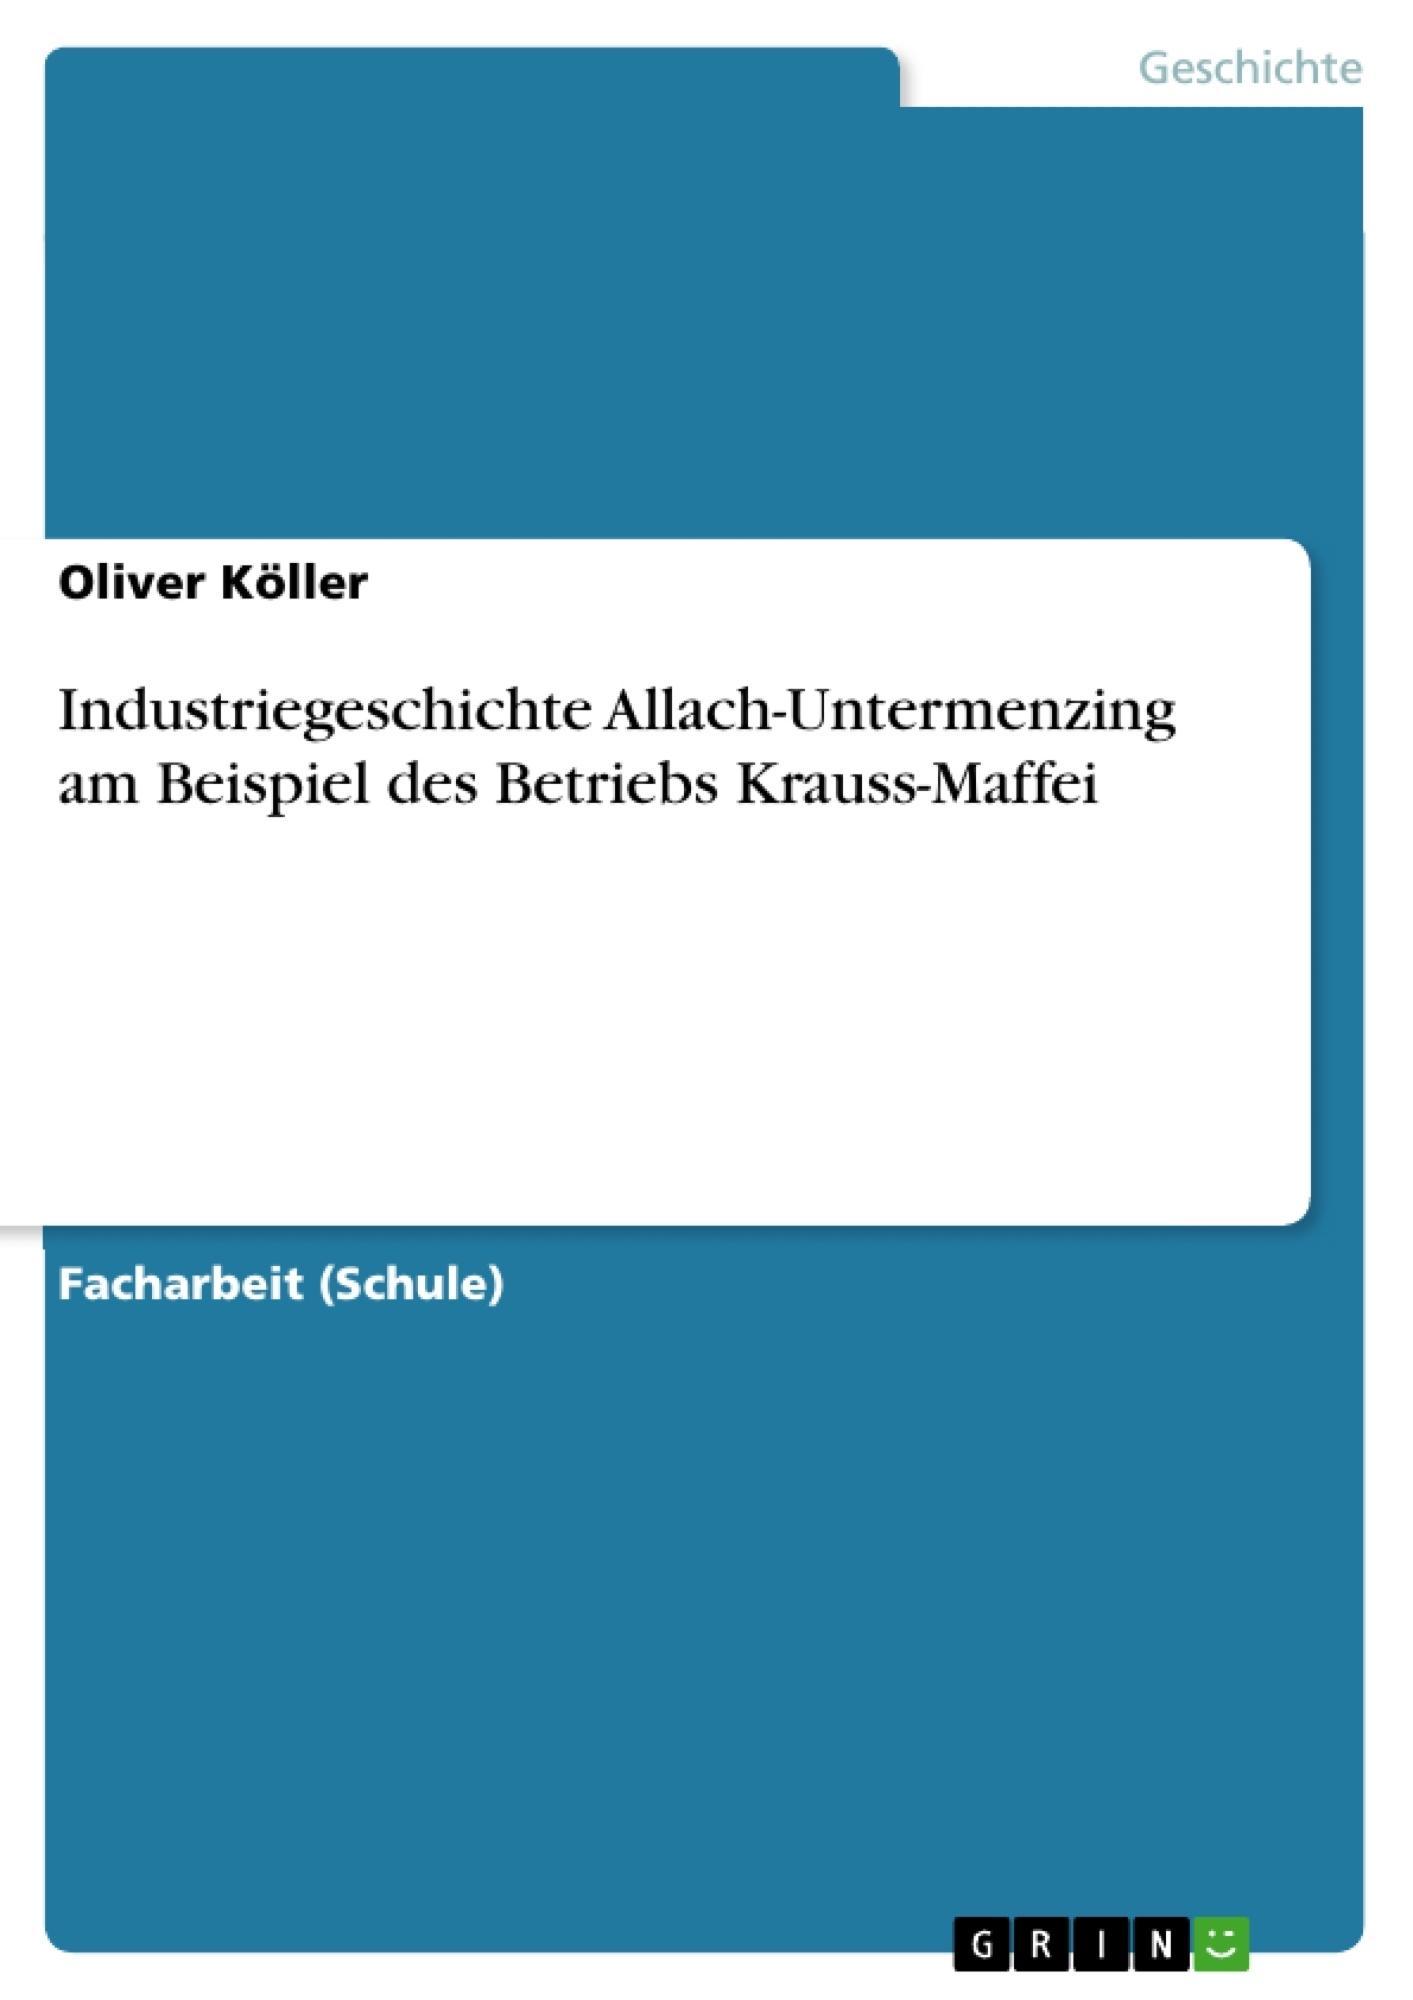 Titel: Industriegeschichte Allach-Untermenzing am Beispiel des Betriebs Krauss-Maffei